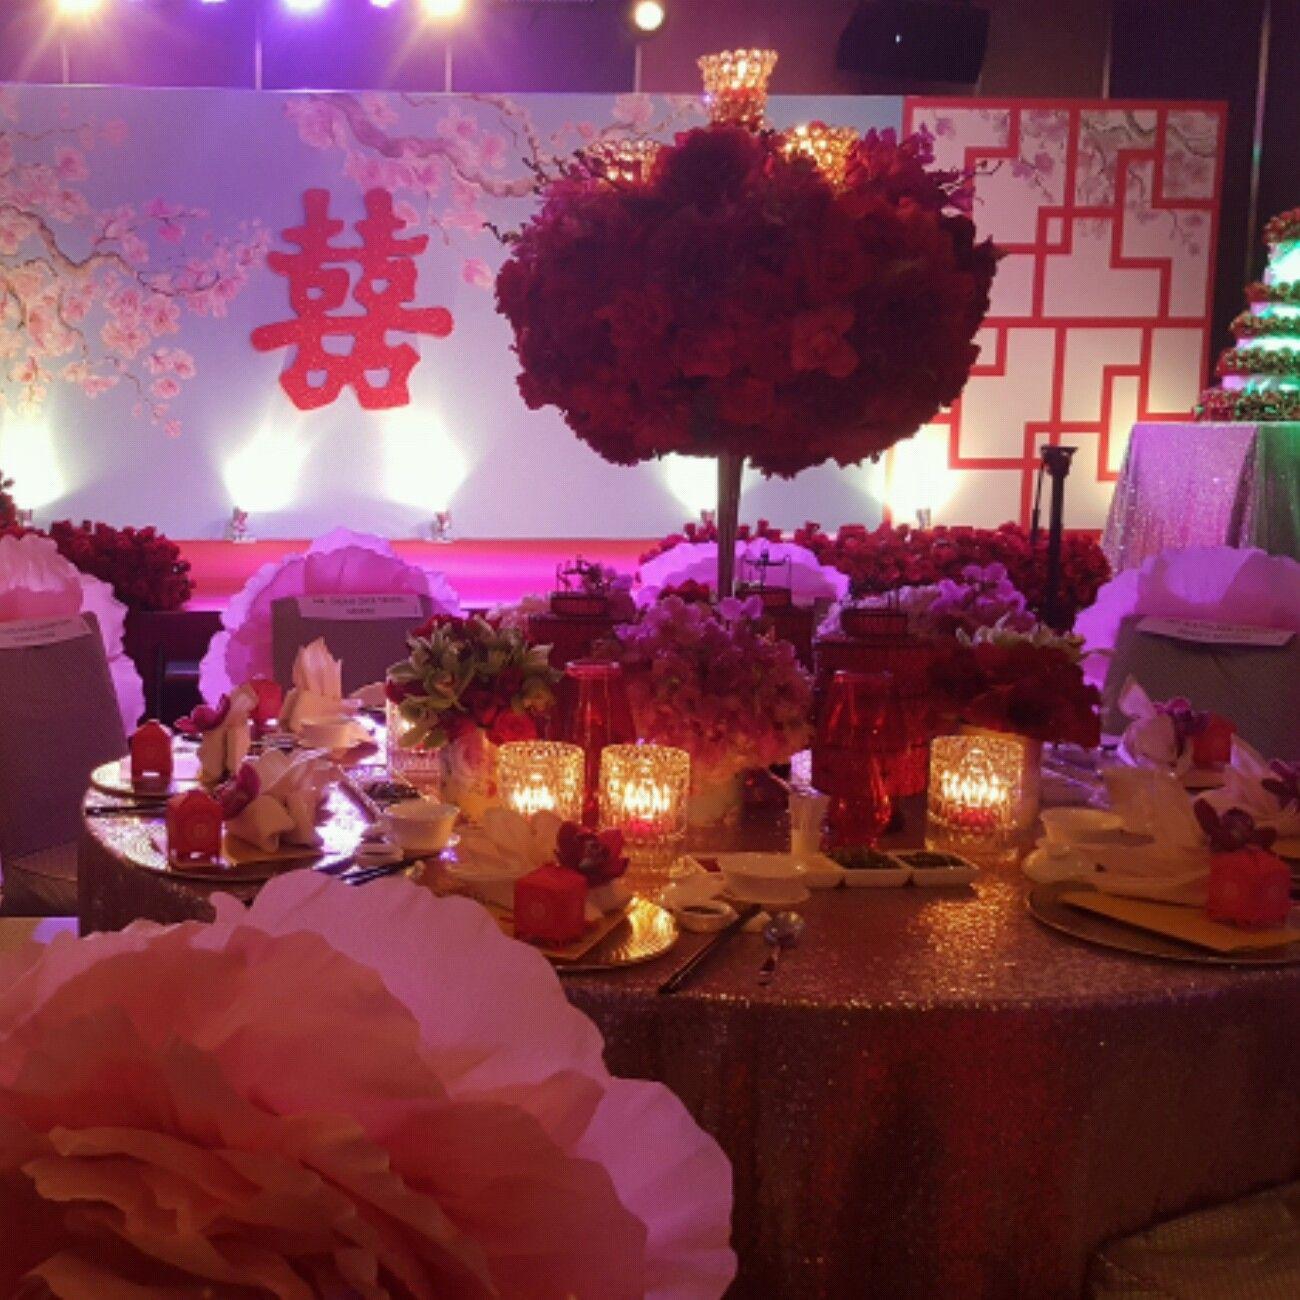 WEIL Hotel, Ipoh | Wedding Venue in Perak | Bridestory com